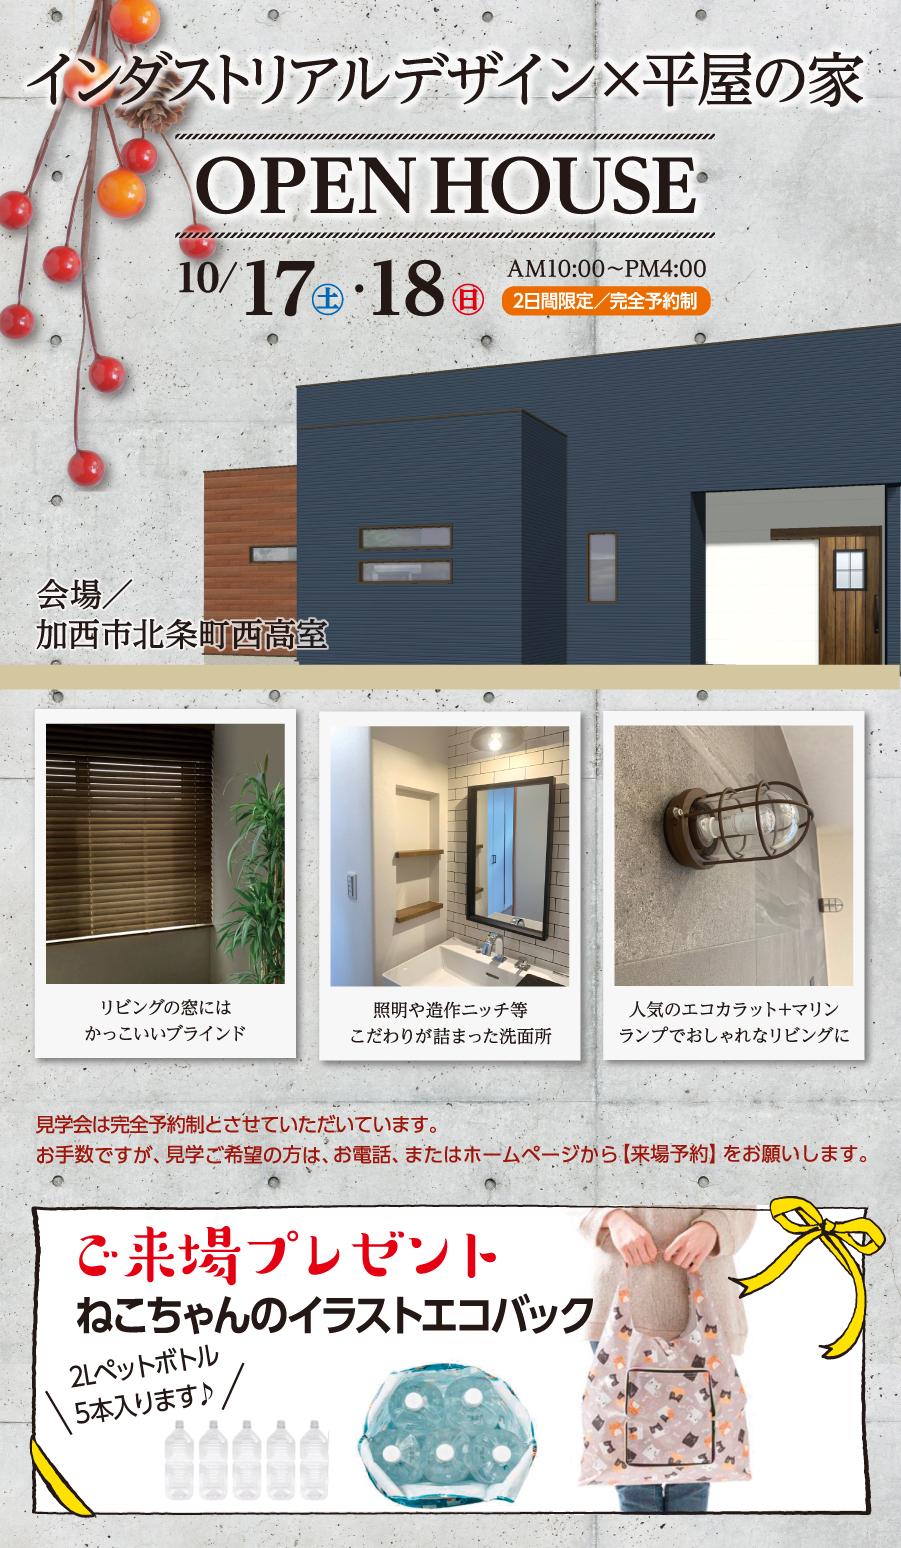 加西市北条町西高室にてインダストリアルデザイン×平屋の家 完成見学会 10月17日、18日AM10:00〜PM4:00。2日間限定。完全予約制。